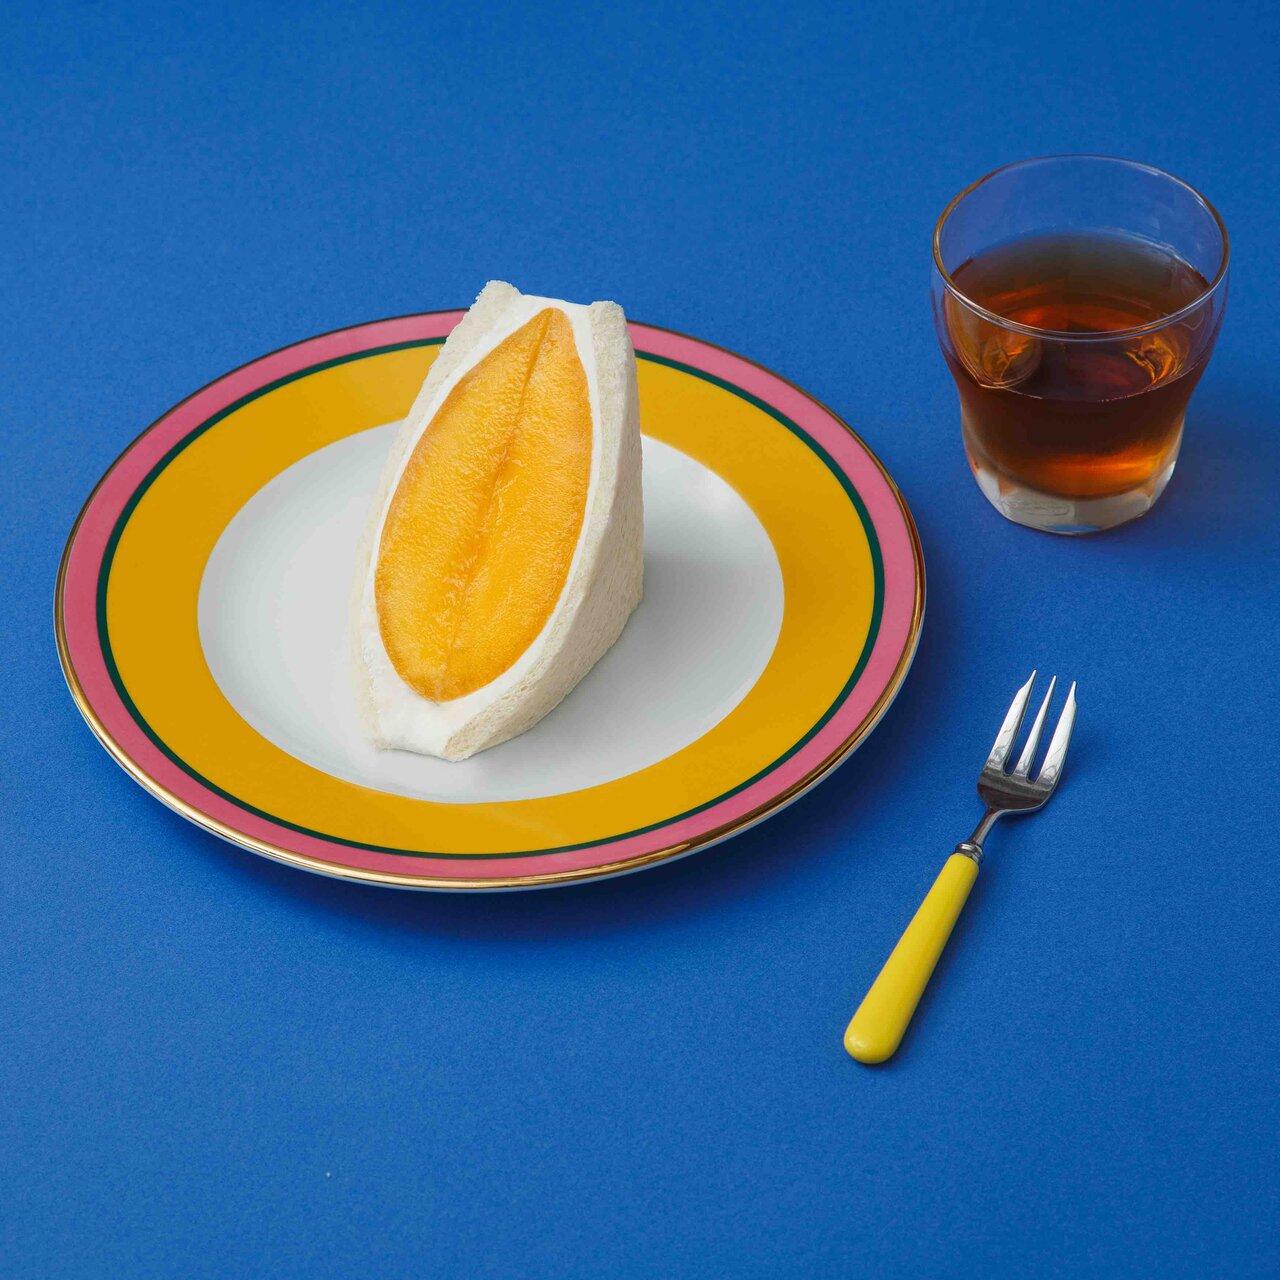 ヴィーガンフルーツサンド専門店、「究極のマンゴーサンド」を発売